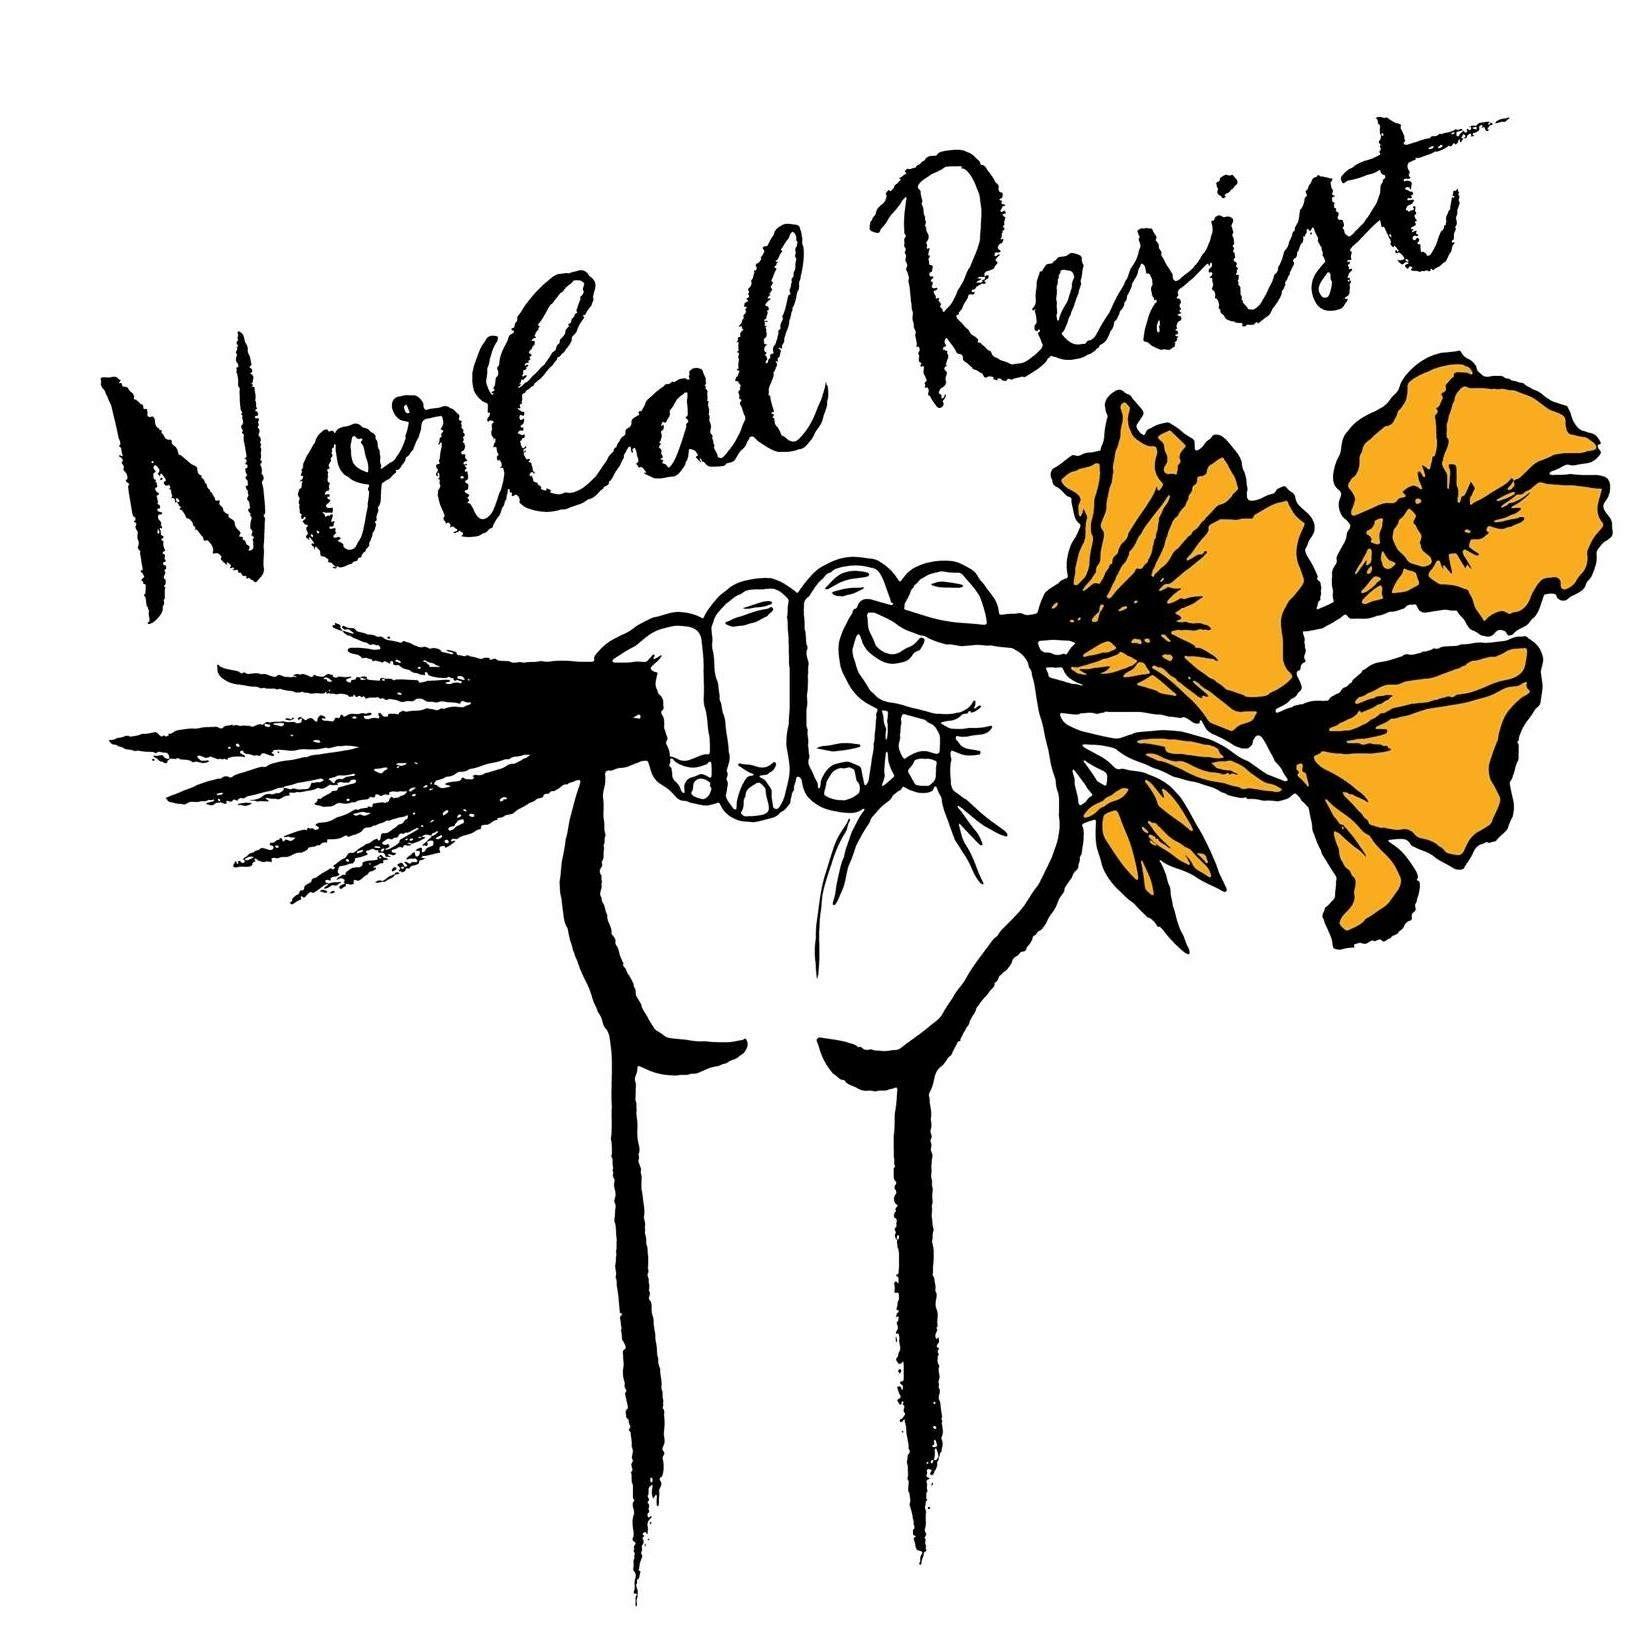 NorCal Resist logo